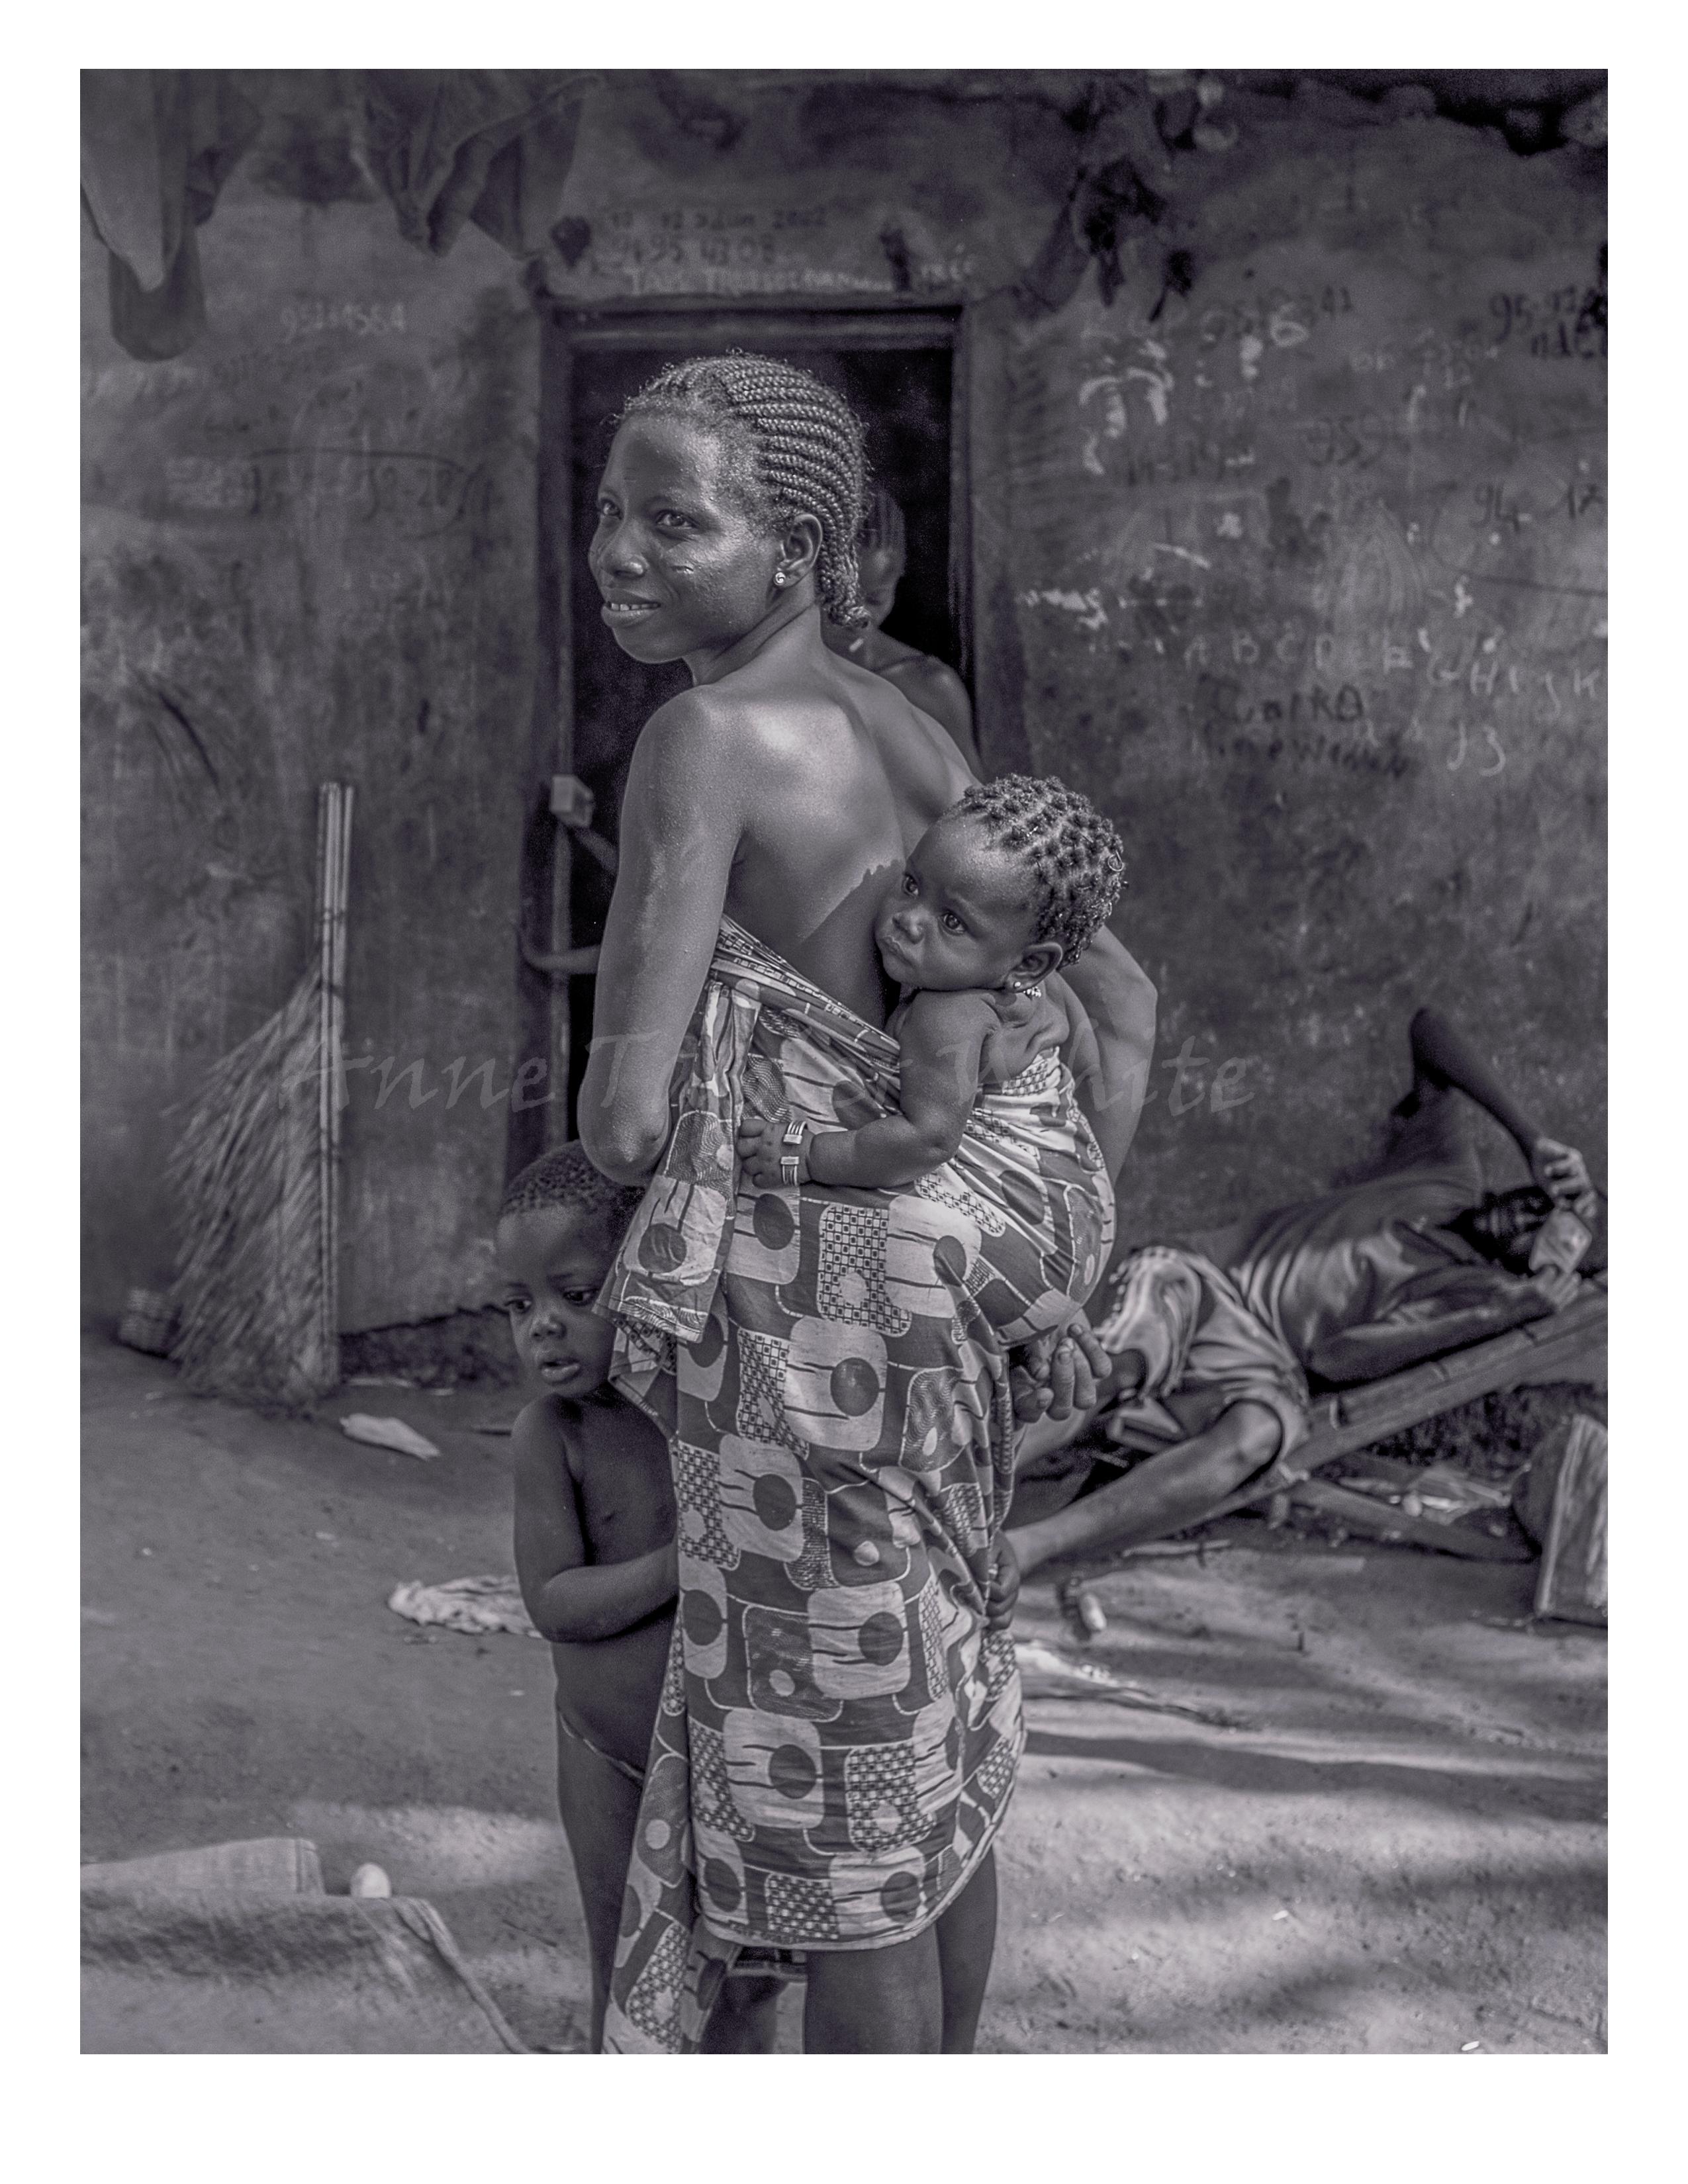 Proud Village Mother